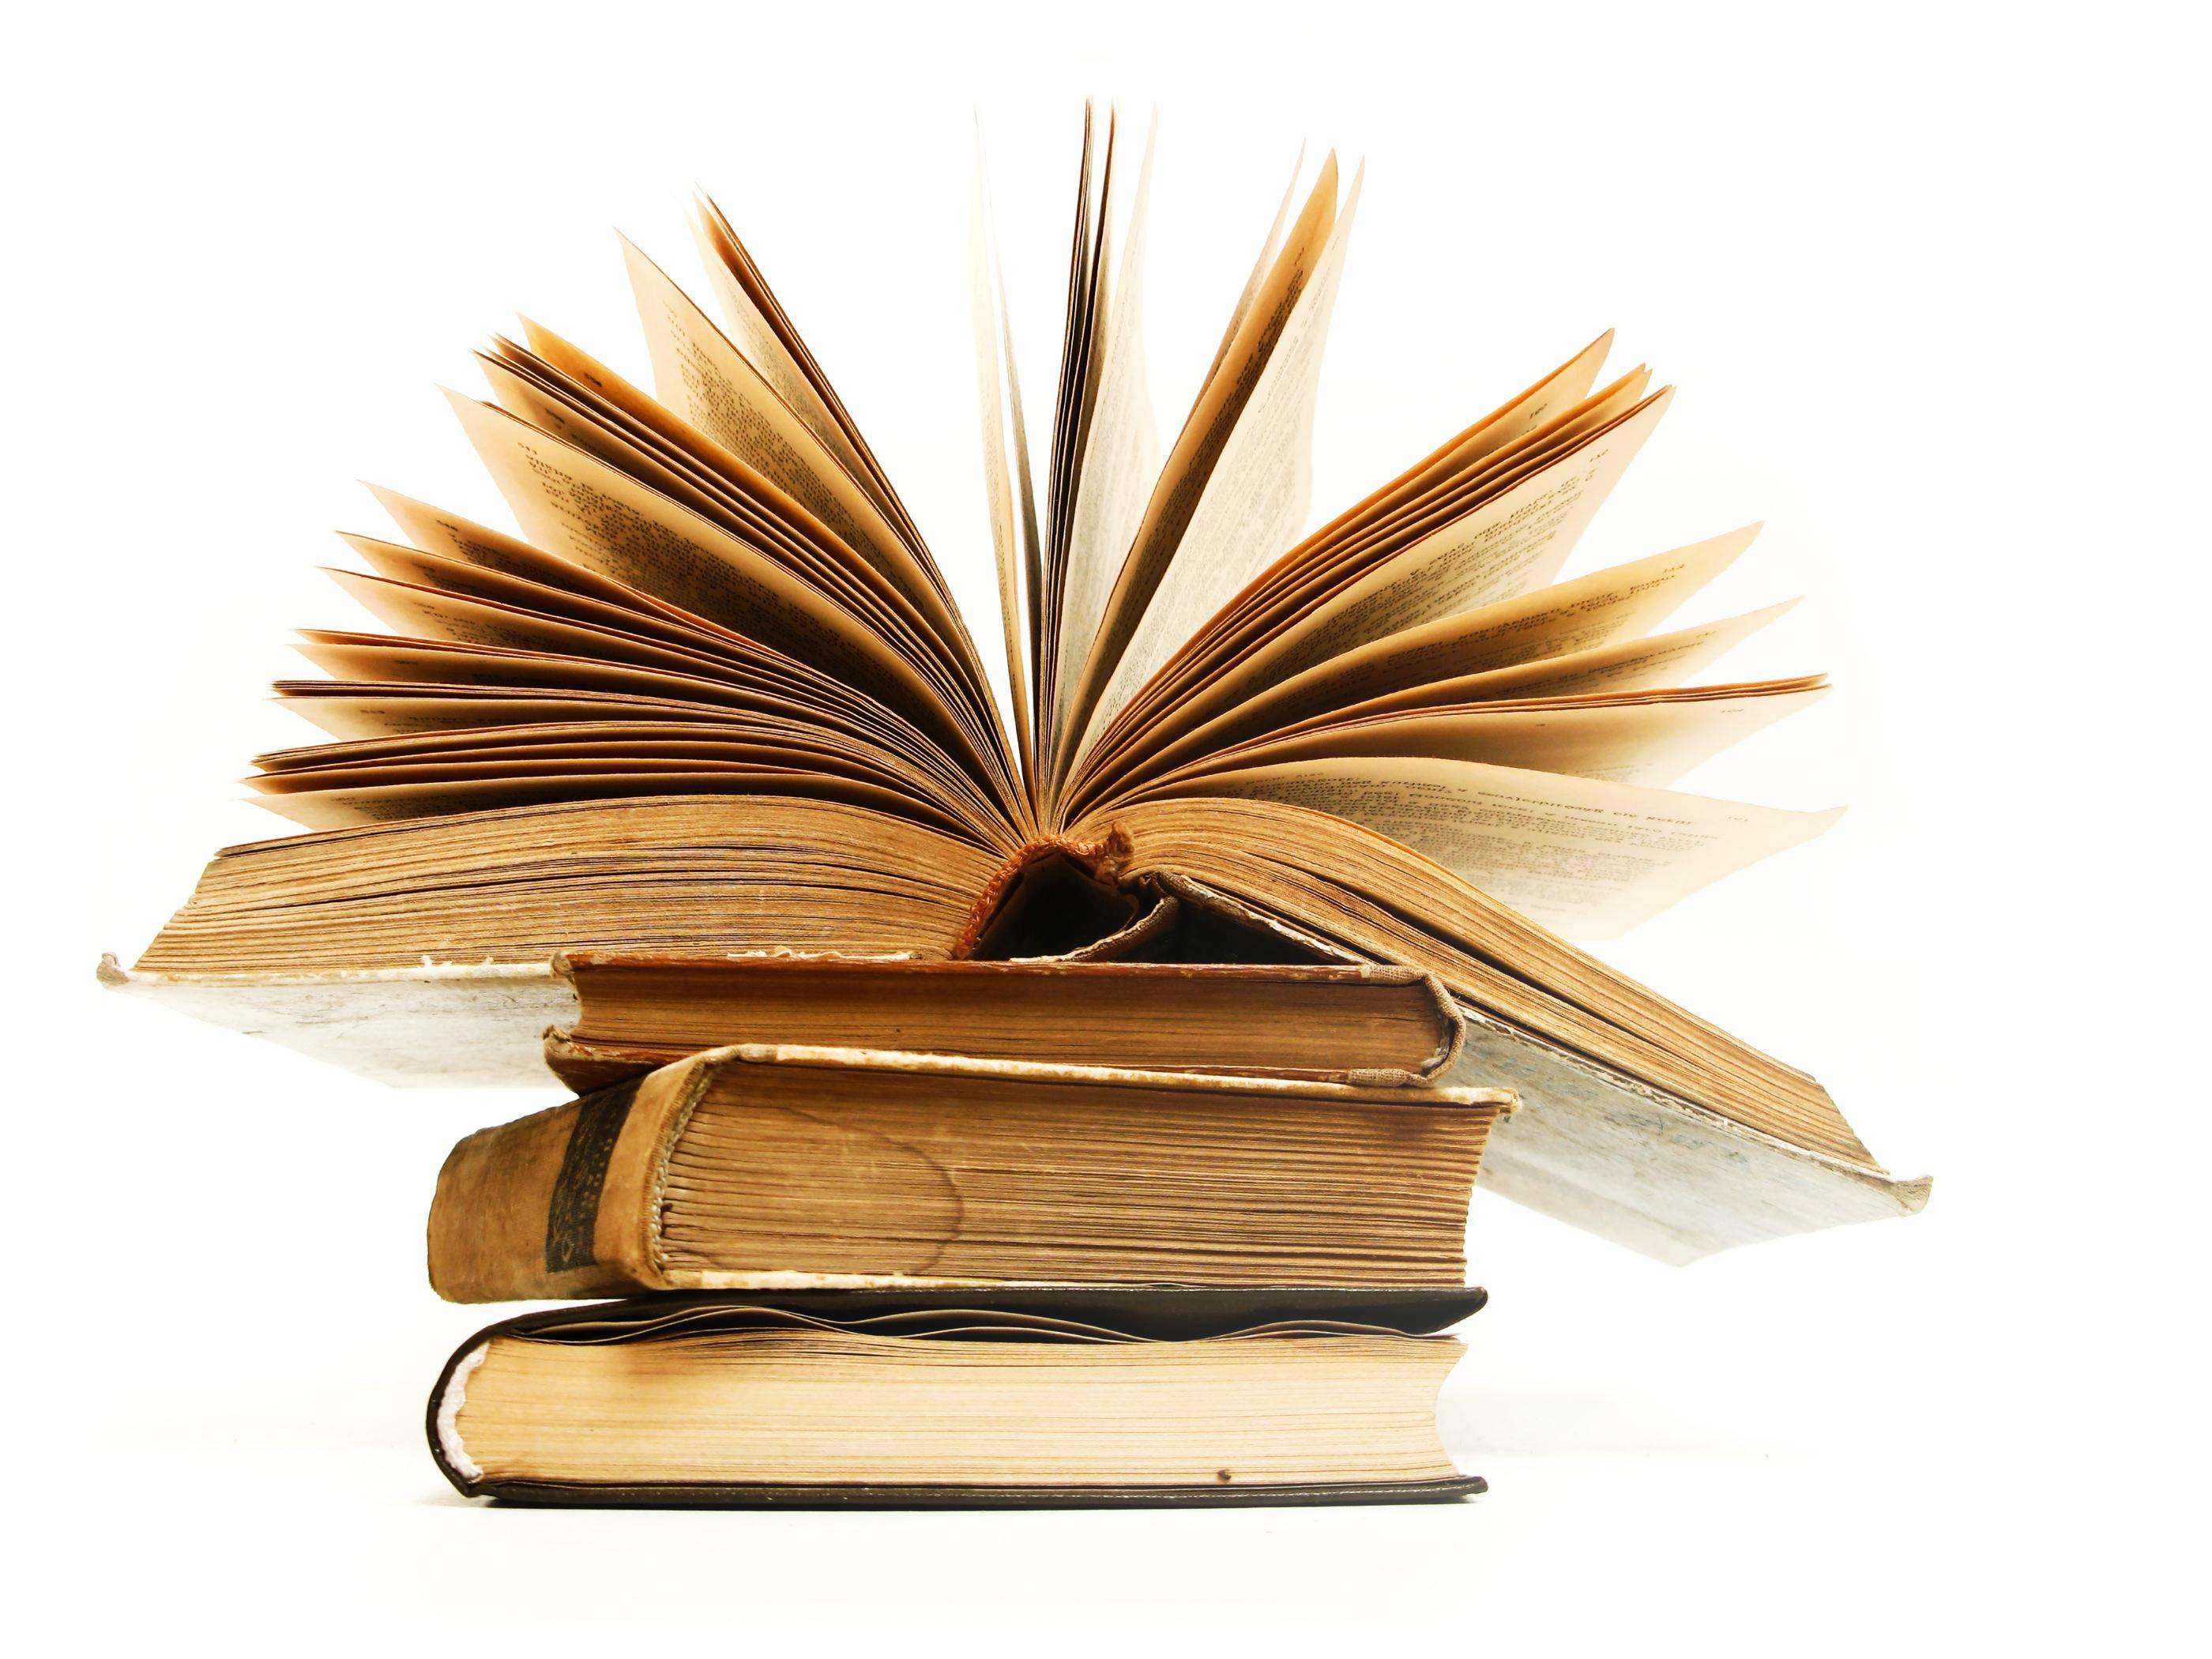 Kinaye (Değinme) Hakkında Bilgi